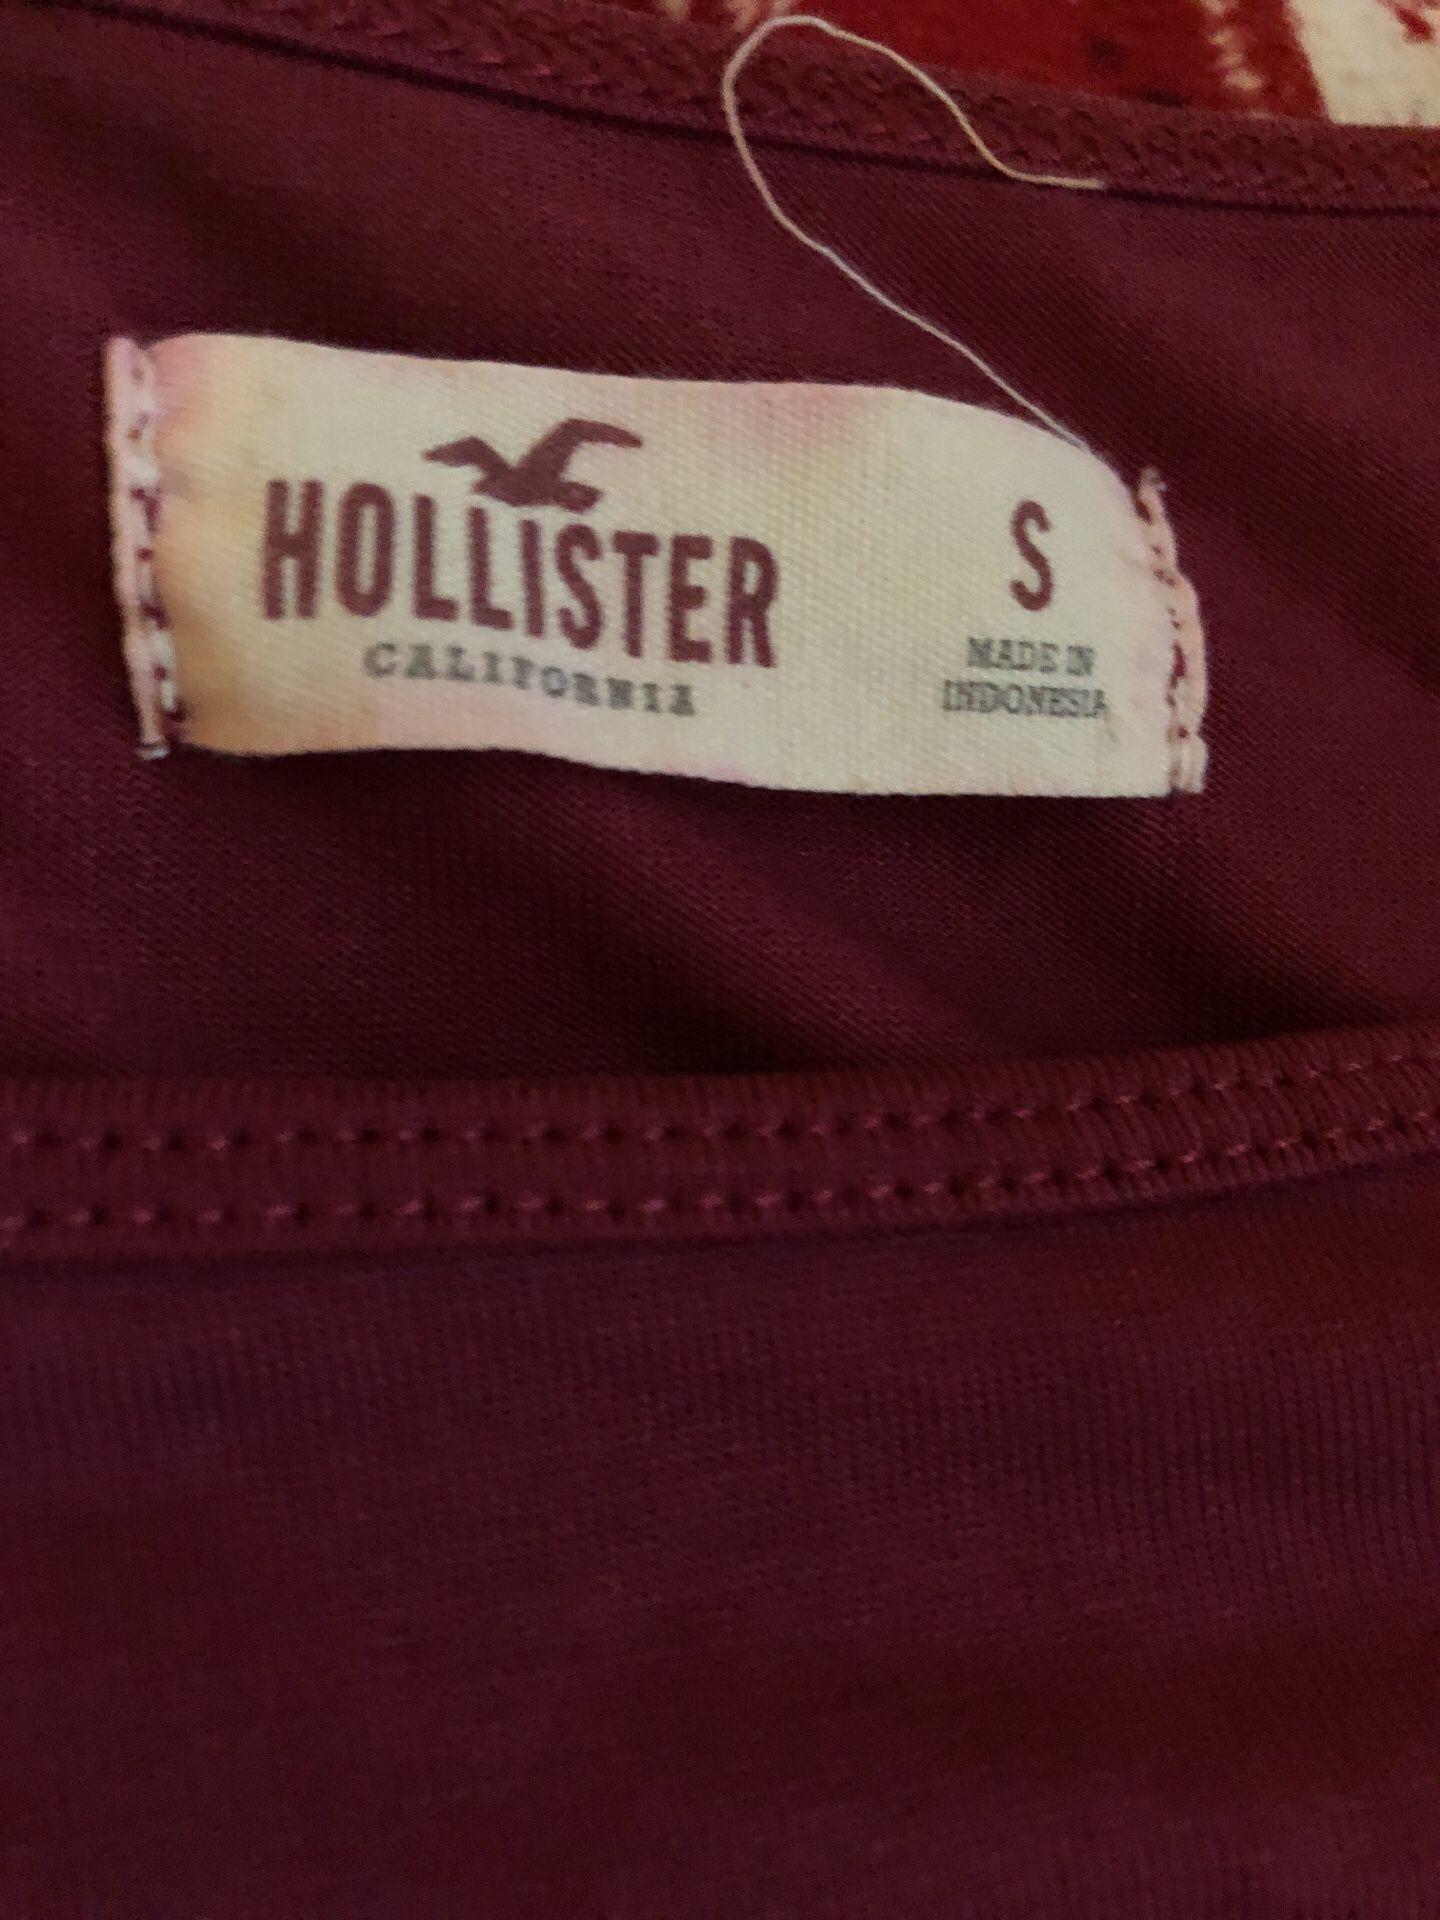 Hollister cold shoulder top